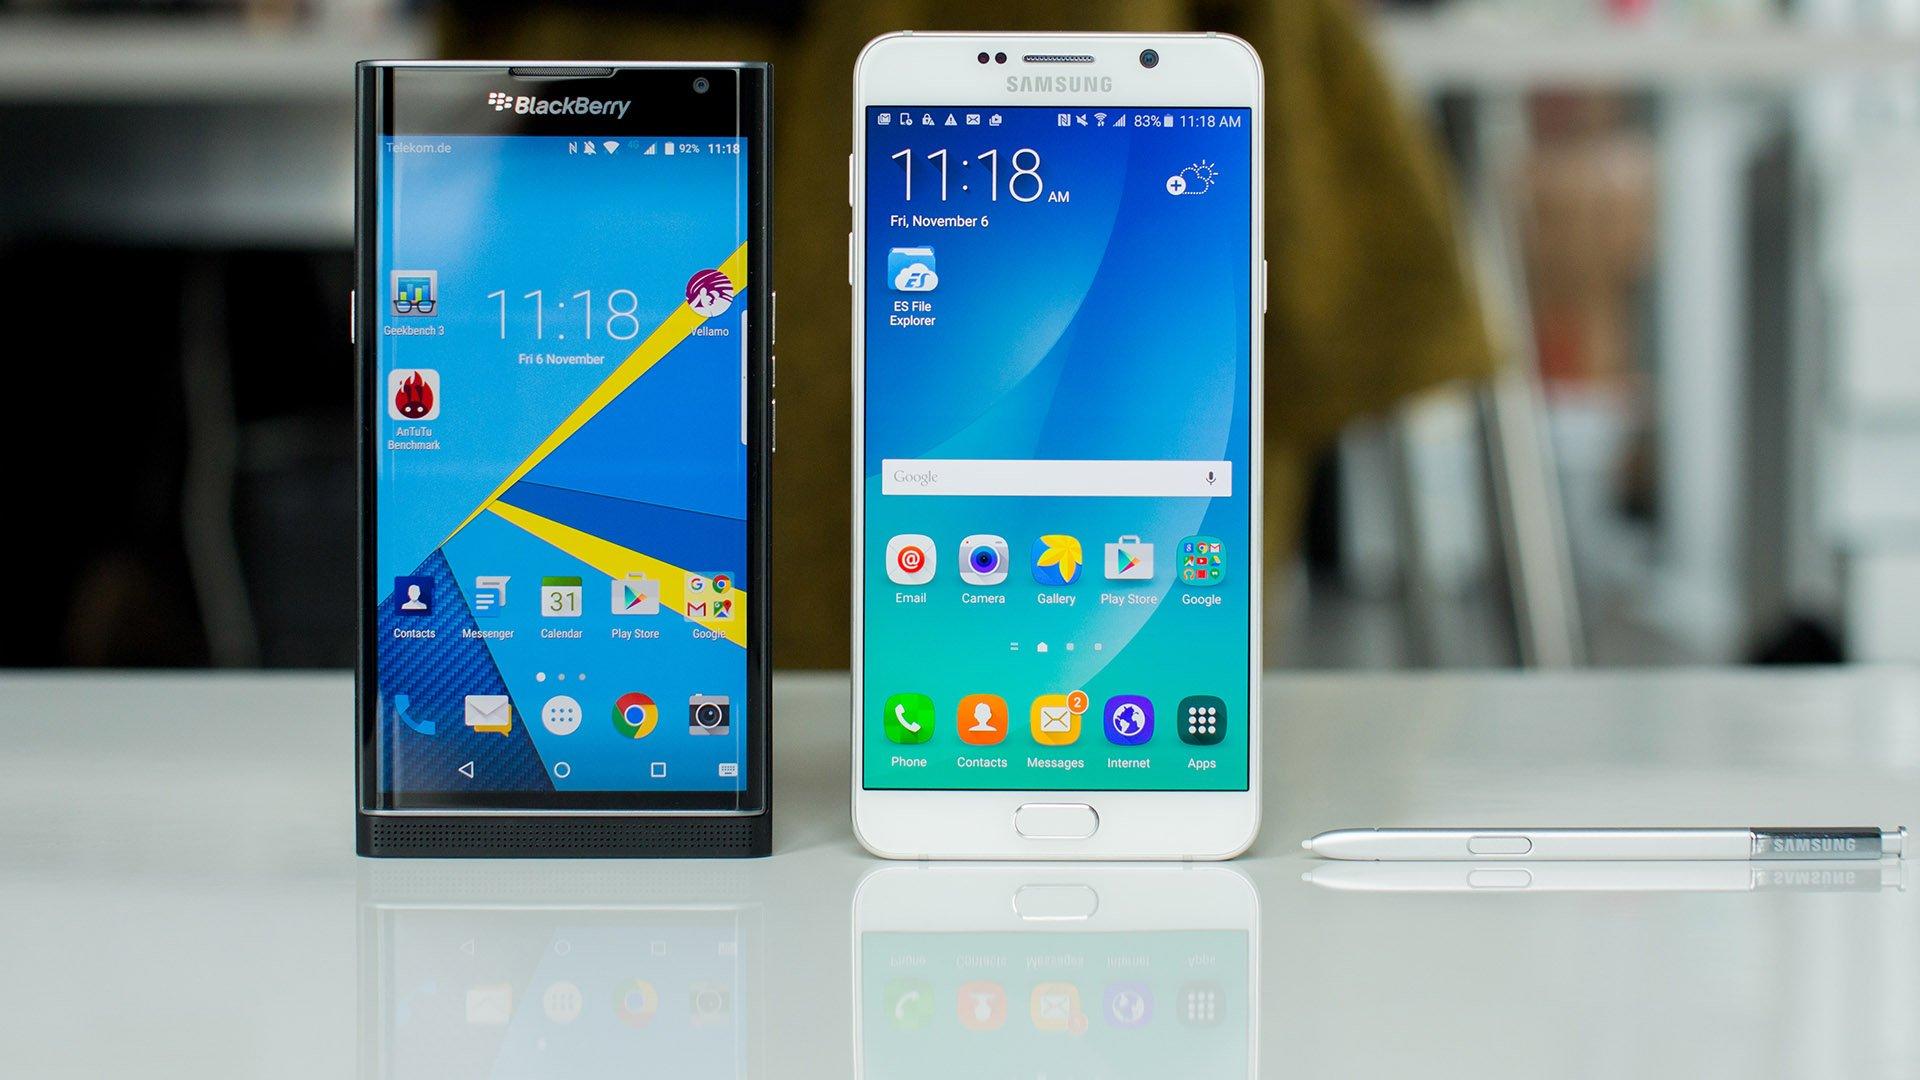 Blackberry Priv Vs Samsung Galaxy Note 5 Ist Eine Tastatur Besser Smartphone Als Der S Pen Androidpit